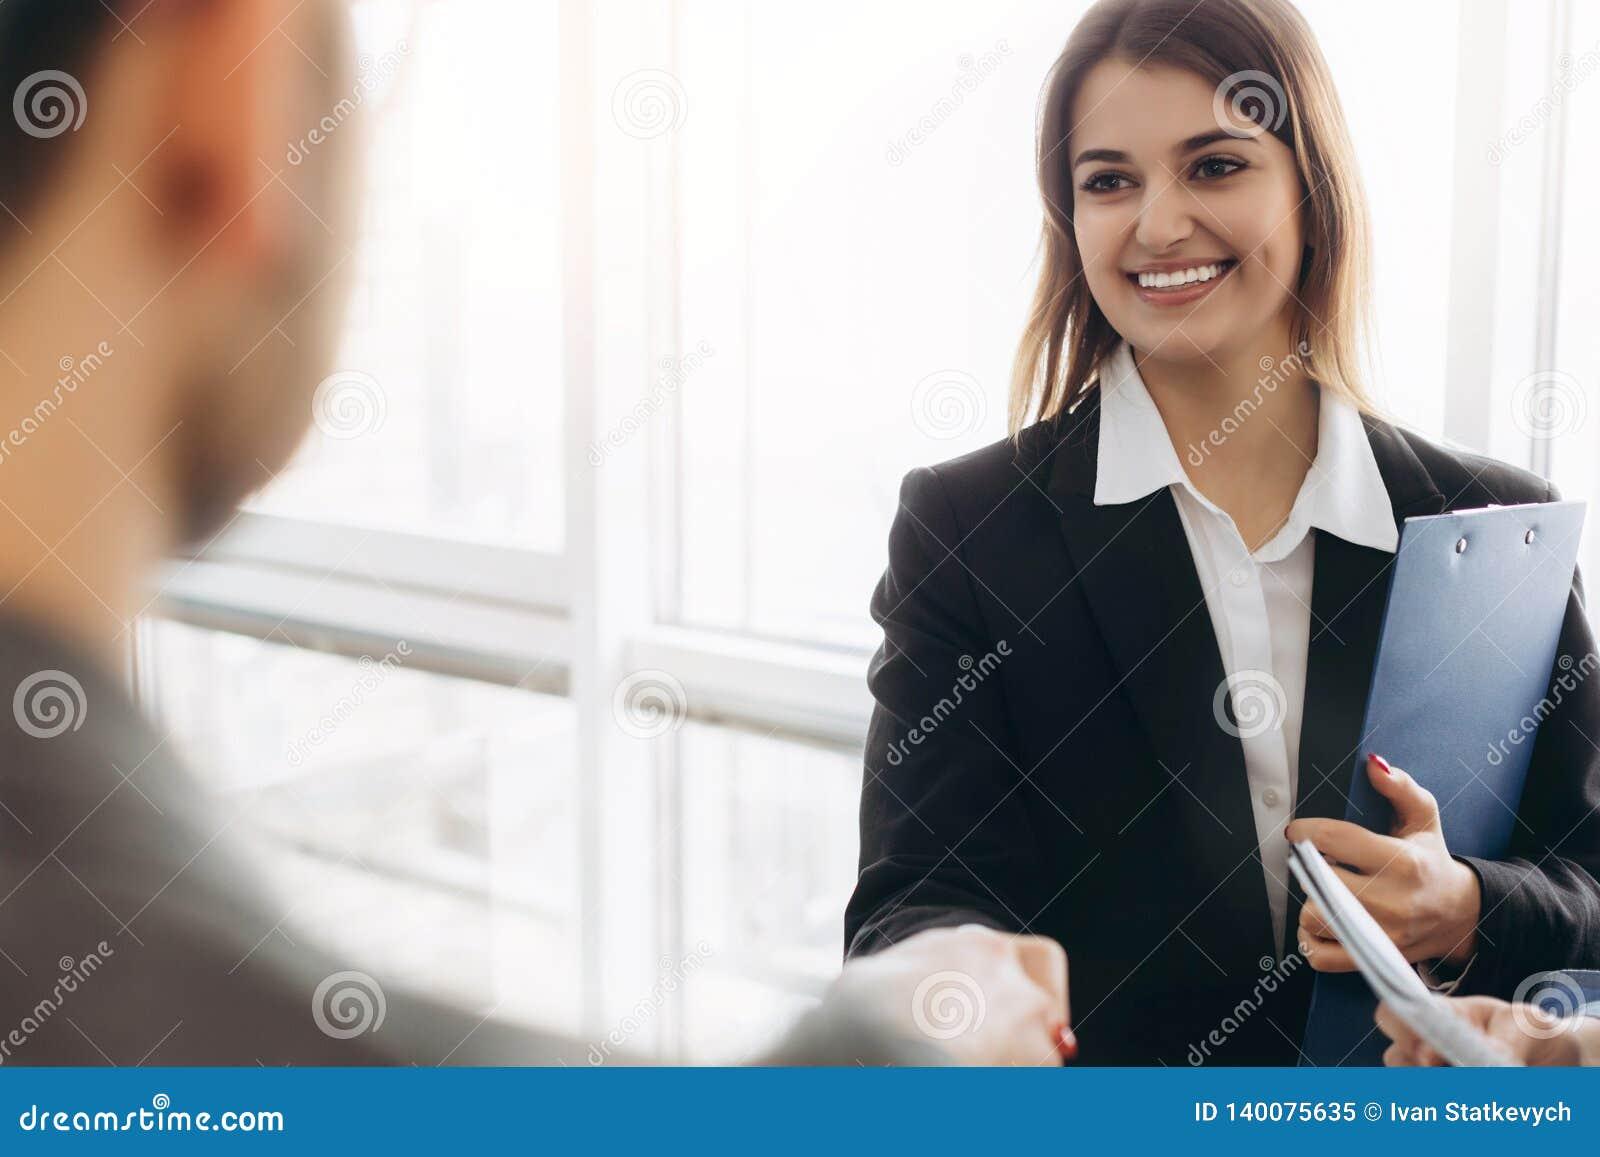 Apretón de manos atractivo sonriente de la empresaria con el hombre de negocios después de la charla agradable, buenas relaciones